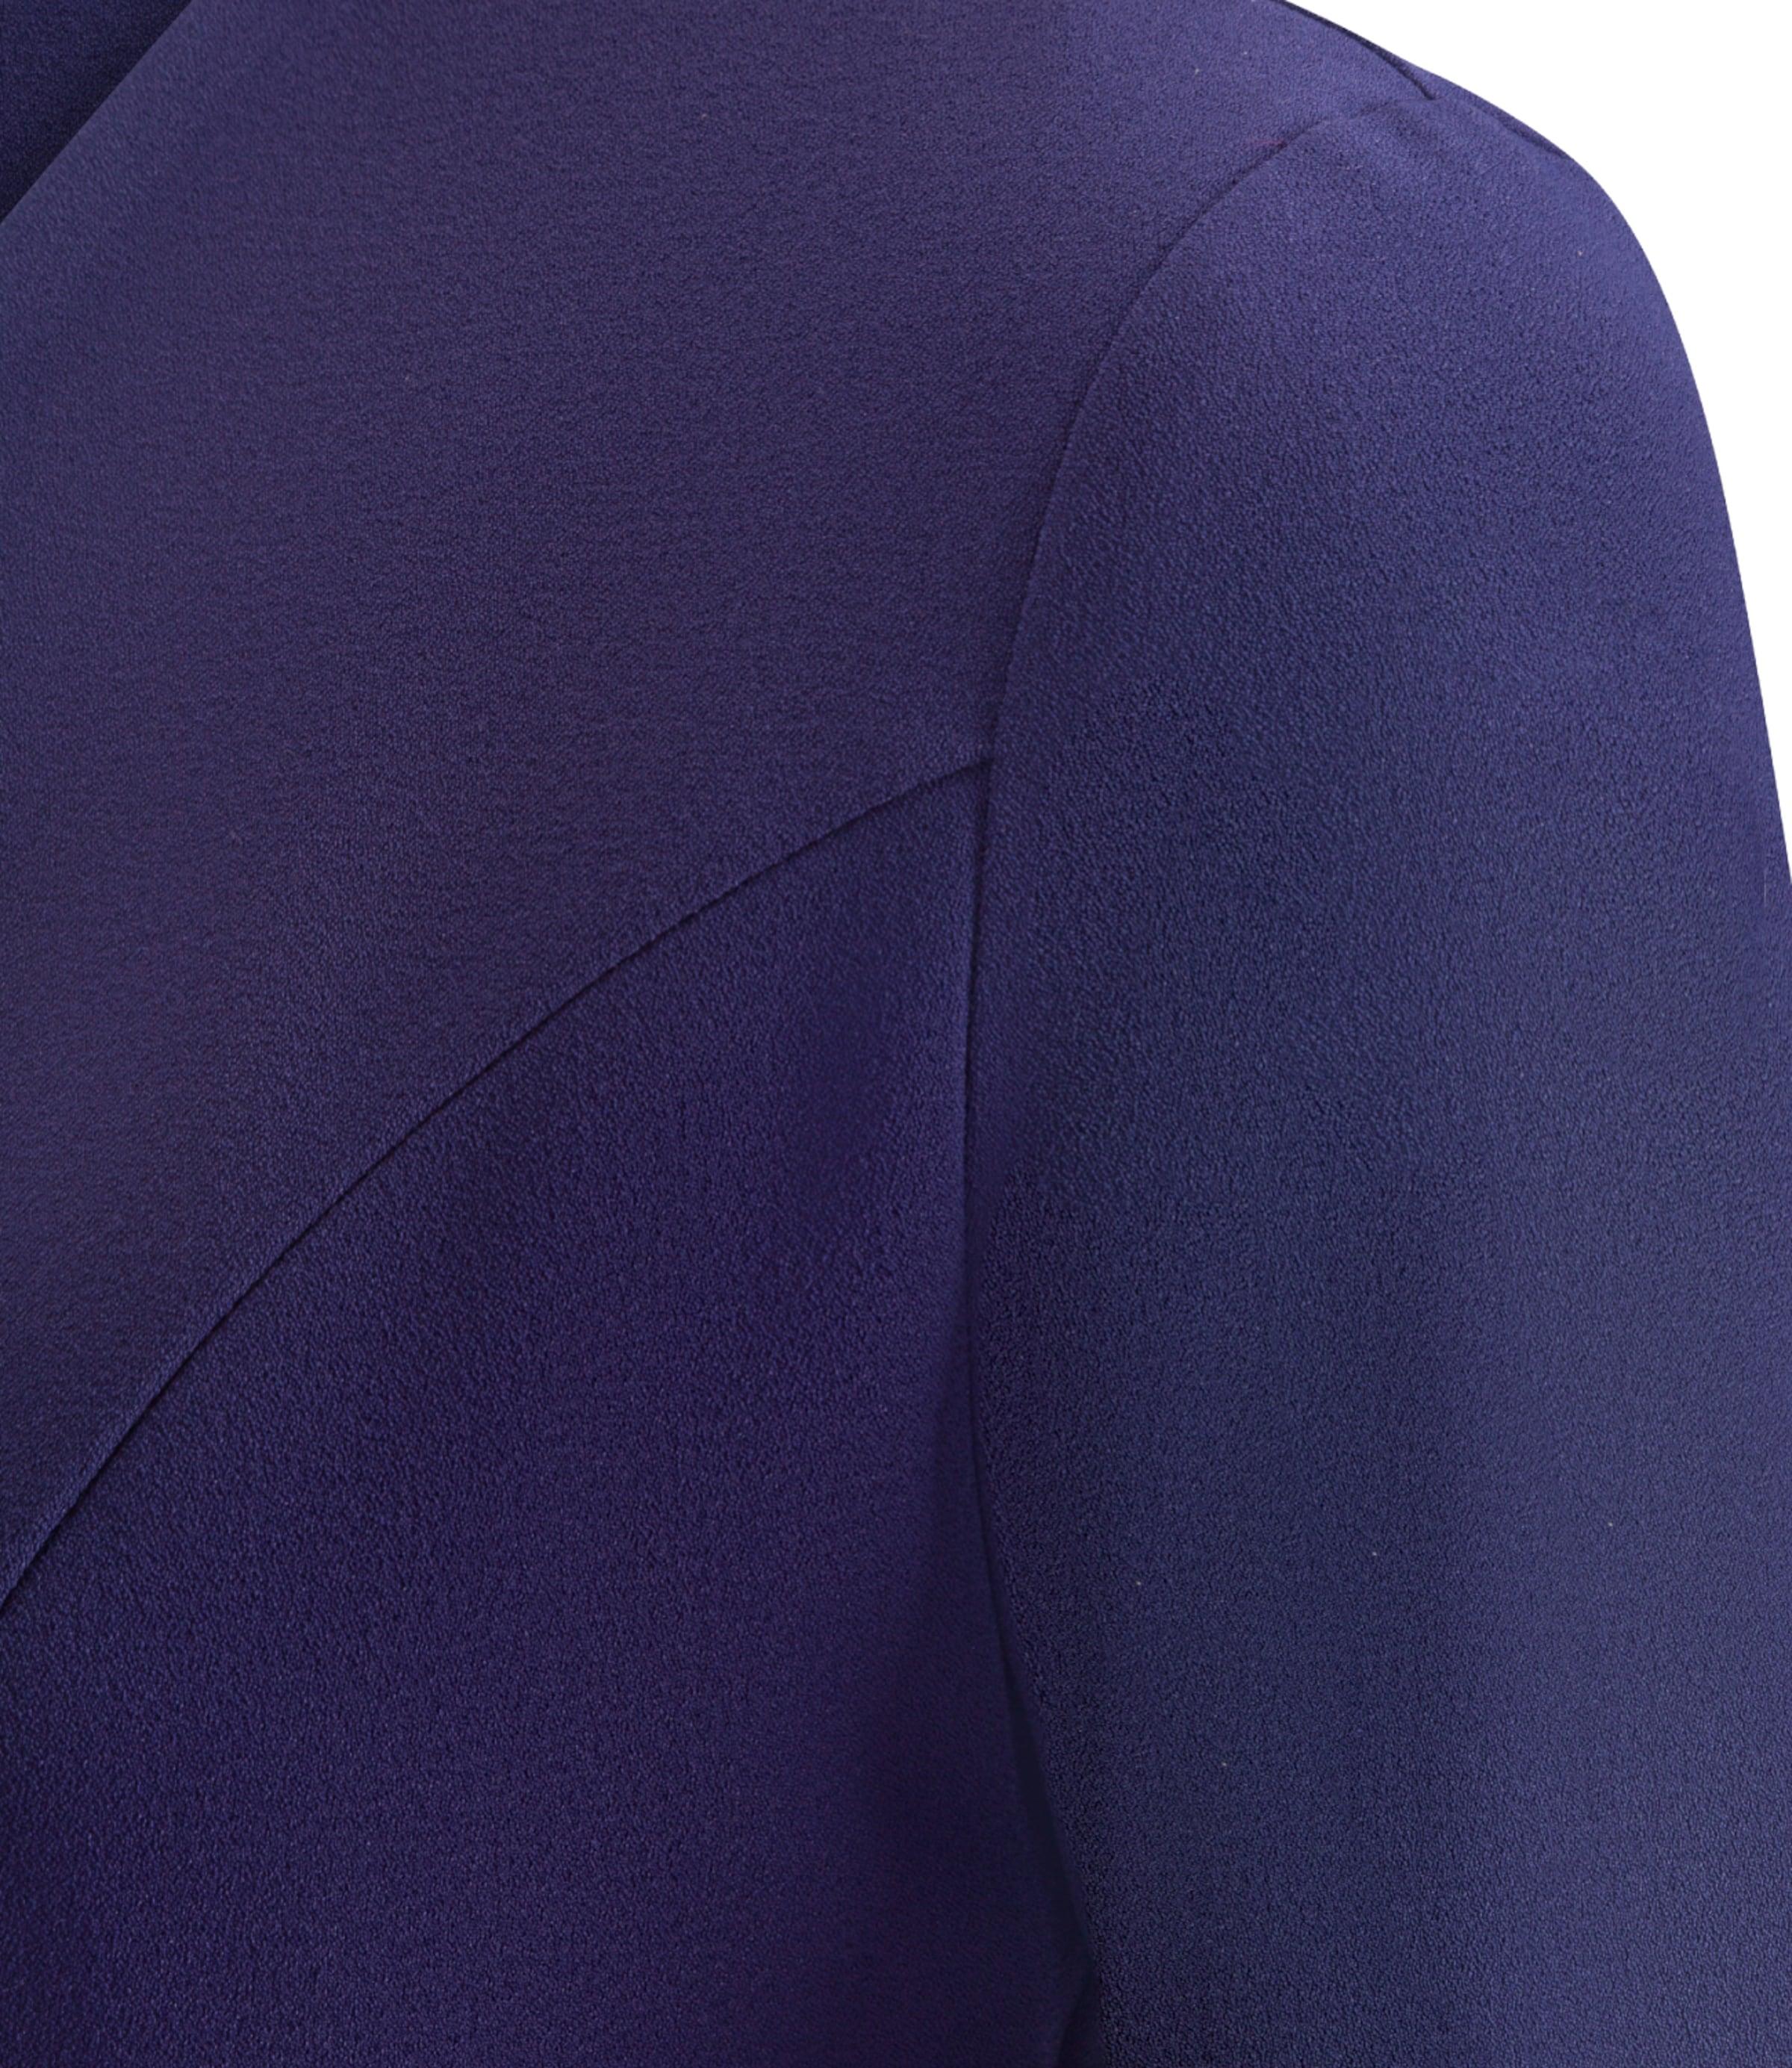 Dunkelblau 'andelma' Nicowa Kleid In Nicowa Kleid 'andelma' m0vn8wN